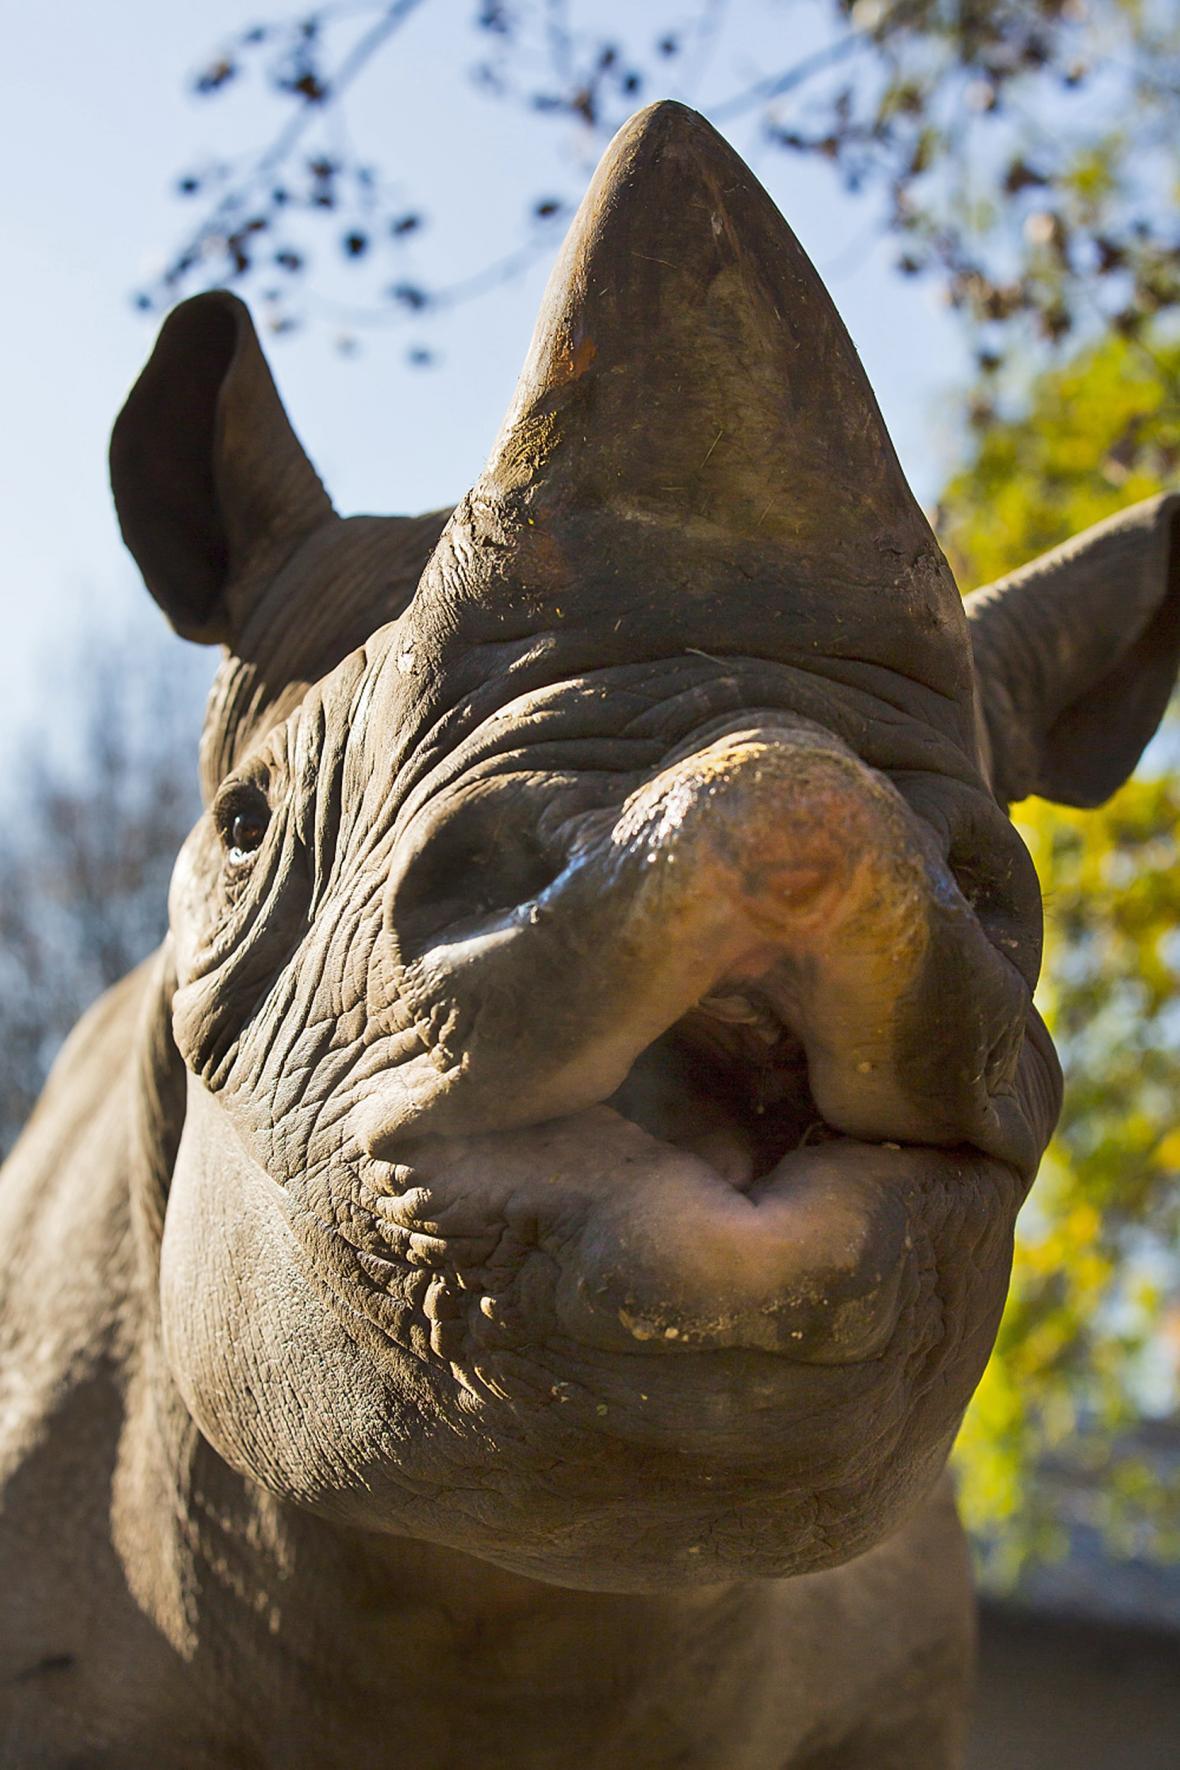 Nosorožec dvourohý východní